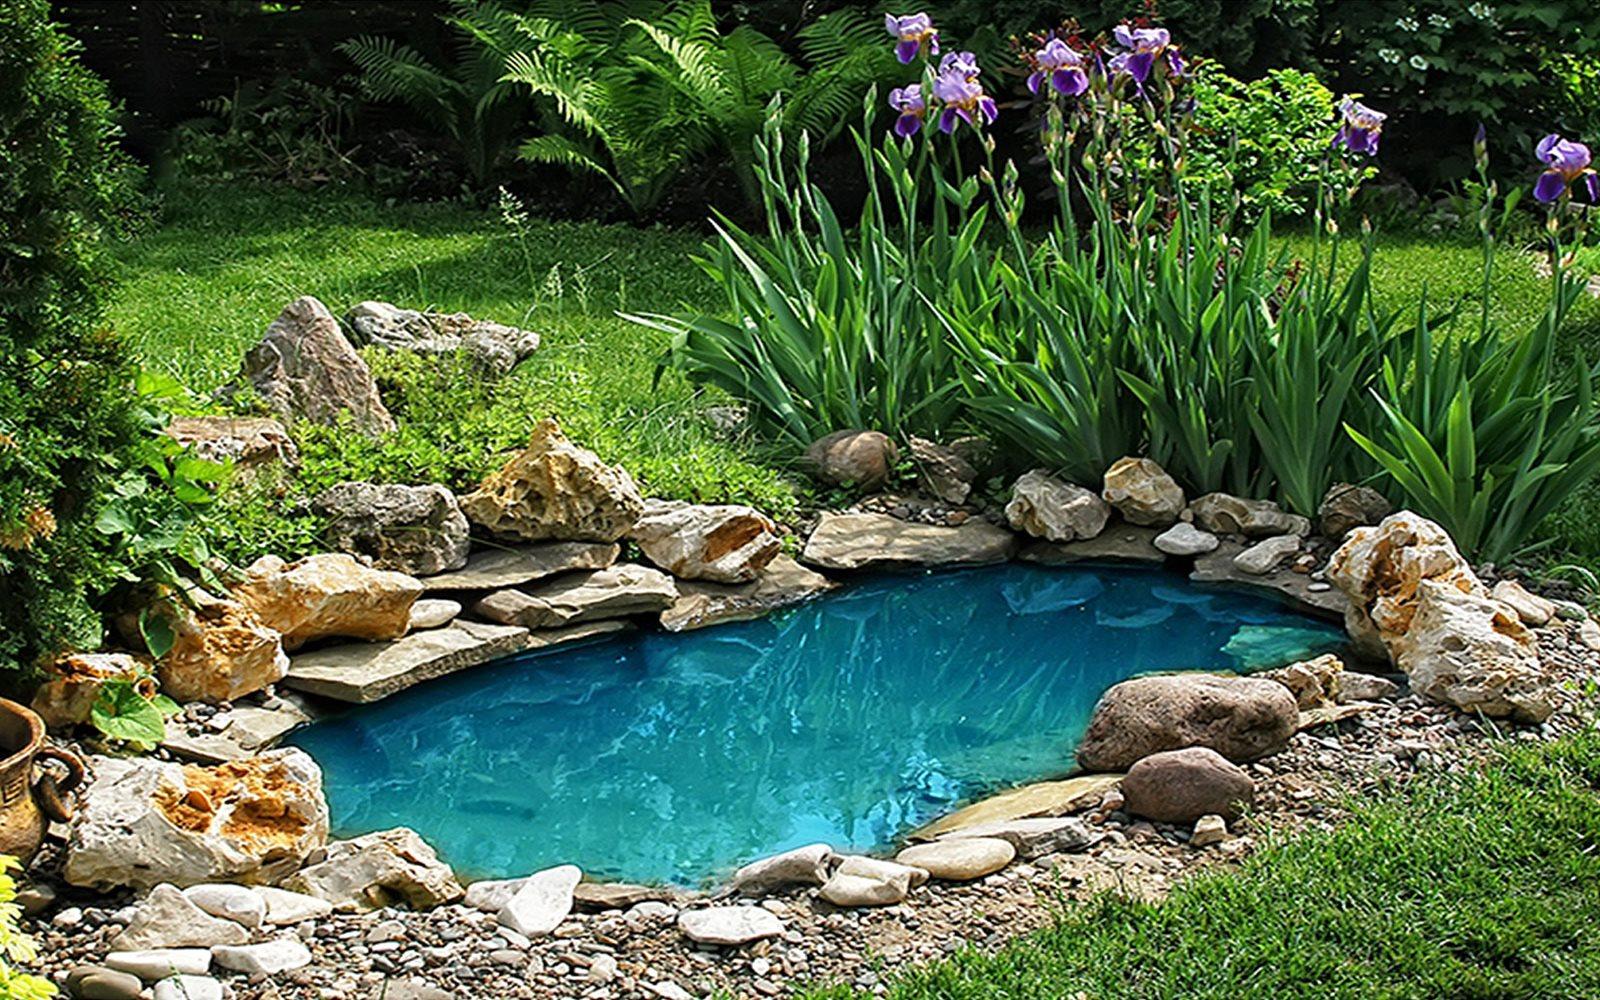 Askoll il laghetto in giardino un sogno che si realizza - Laghetto giardino ...